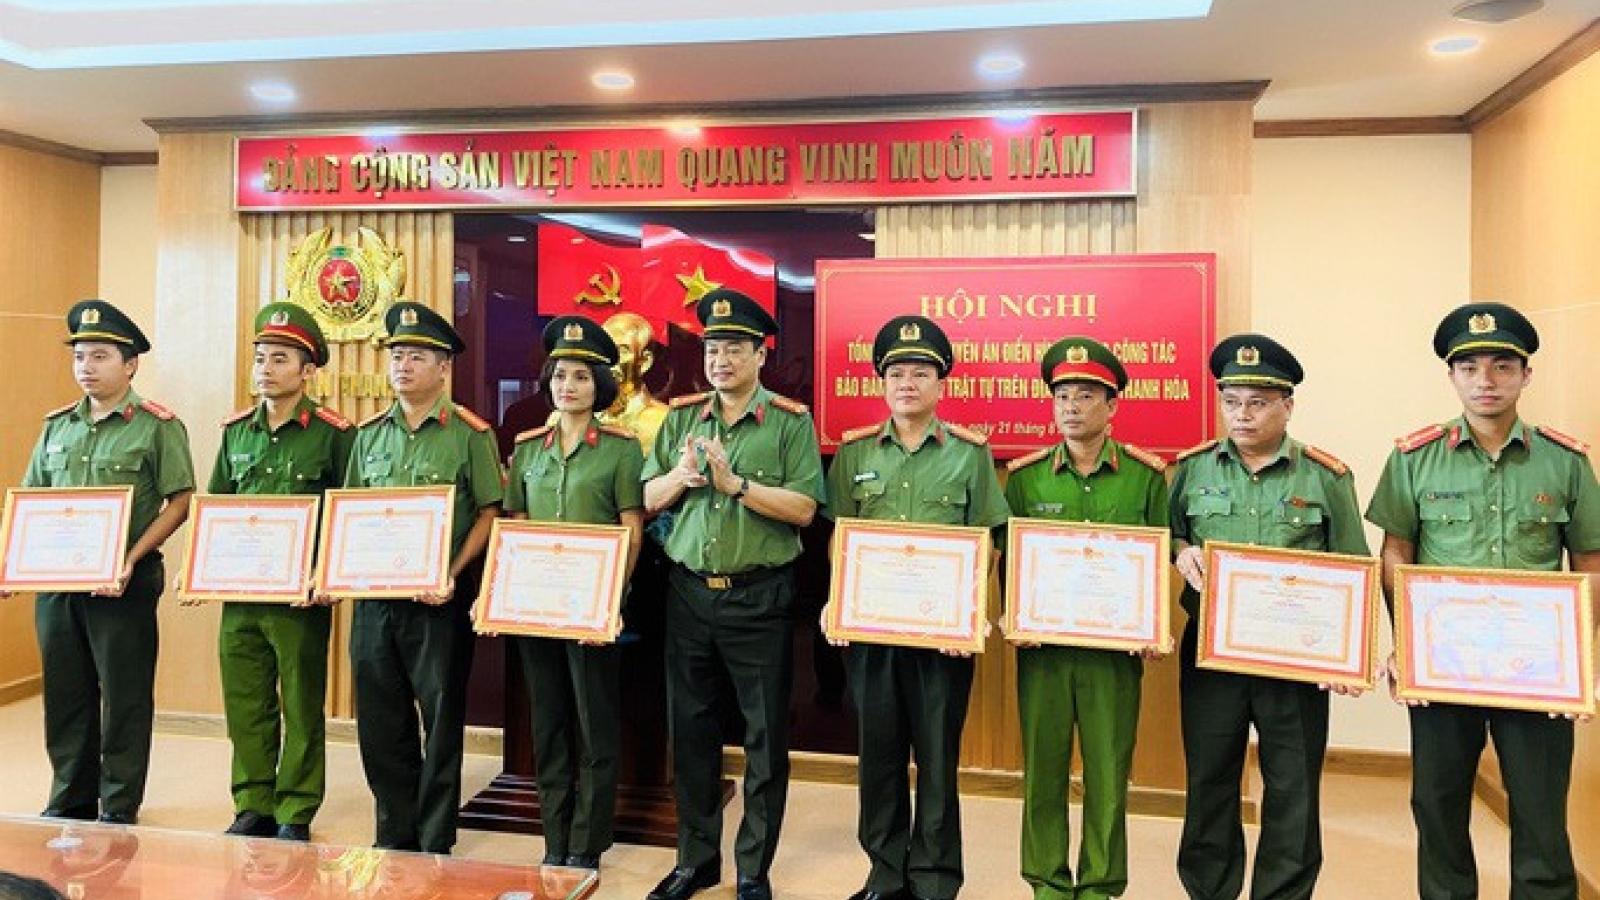 Phá 3 chuyên án lớn, Công an tỉnh Thanh Hóa được trao thưởng 100 triệu đồng